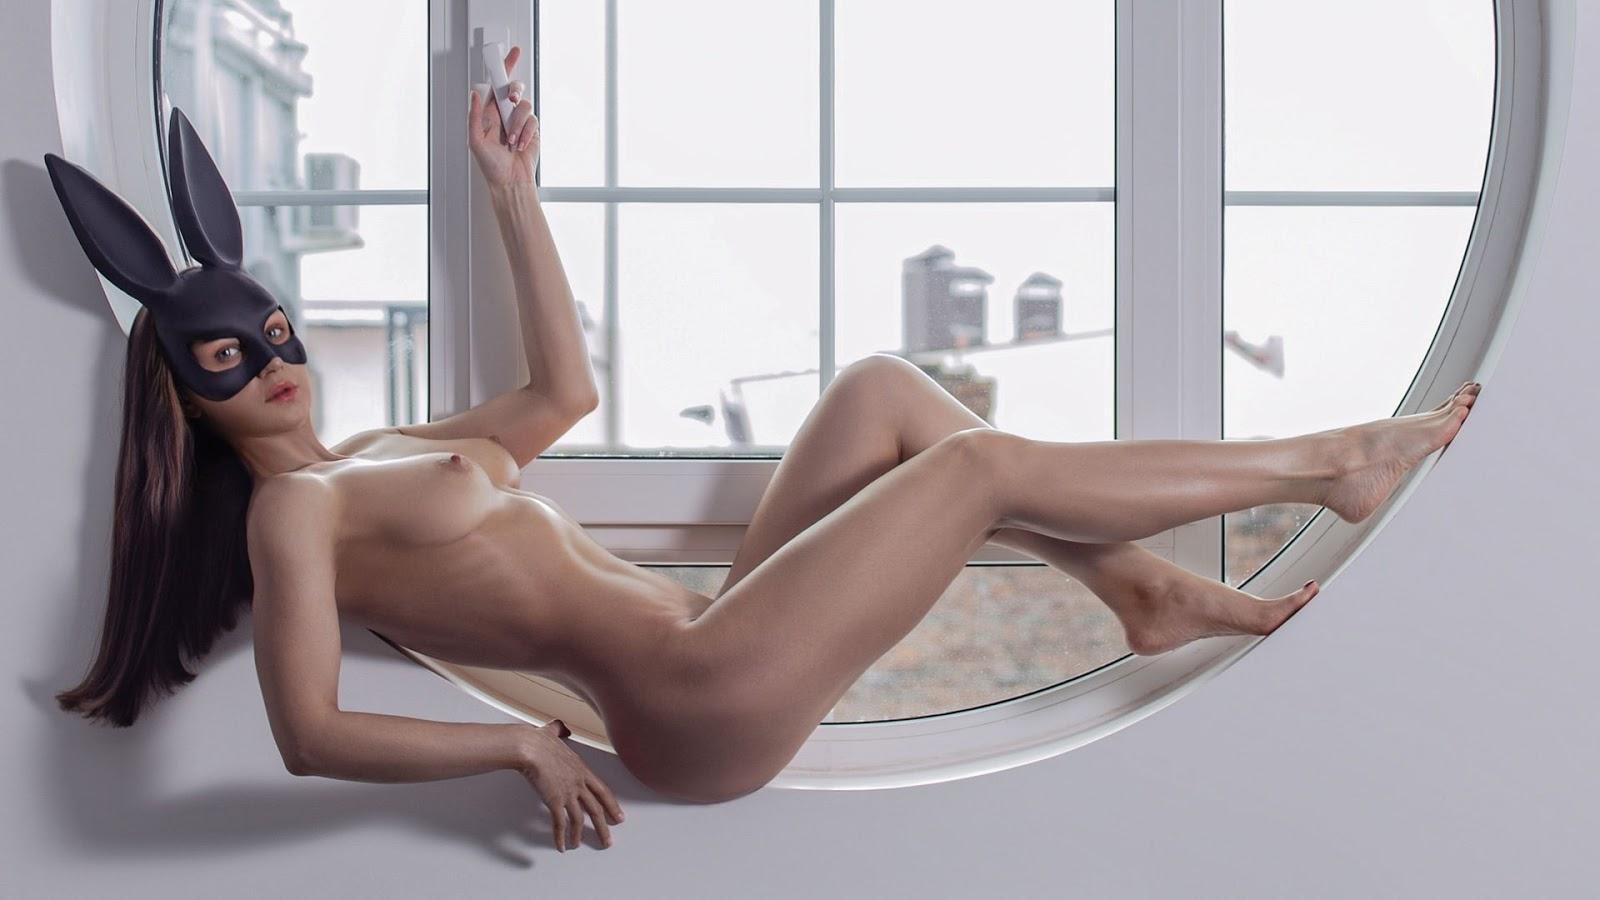 Wallpaper, sexy wallpaper, ragazze nude, wallpaper pc, maschera, ragazza nuda, tette piccole, finestra, capelli castani, capelli lunghi